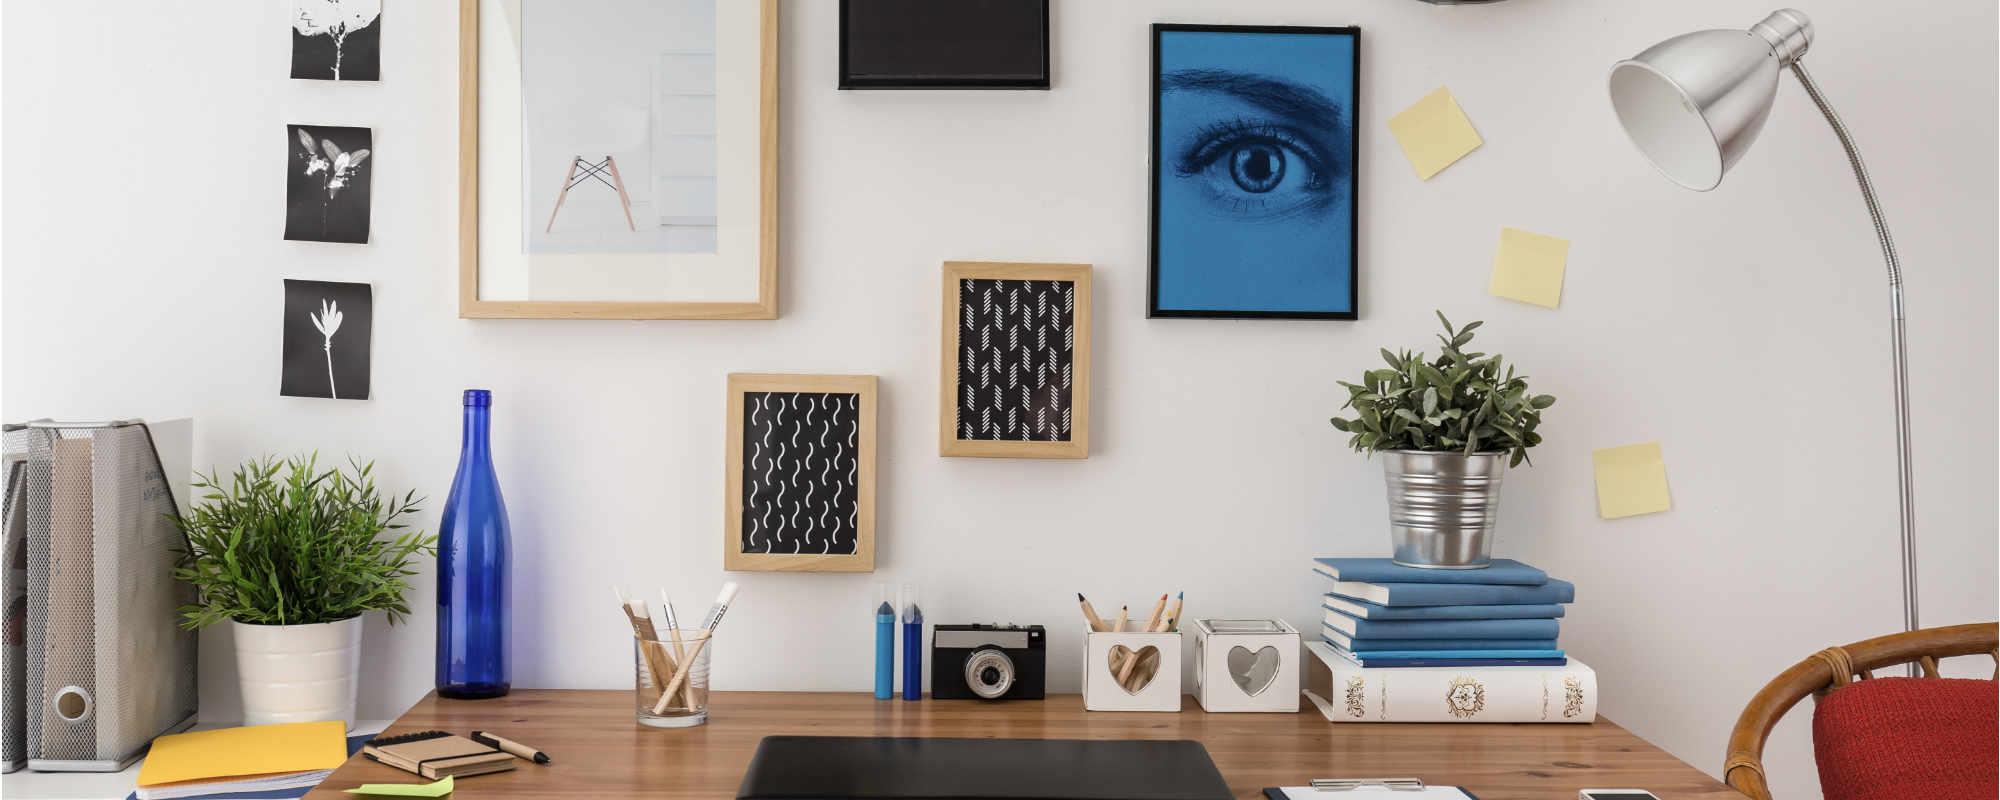 10 ideas para decorar tu habitaci n con fotos y que quede for Accesorio de decoracion de la habitacion